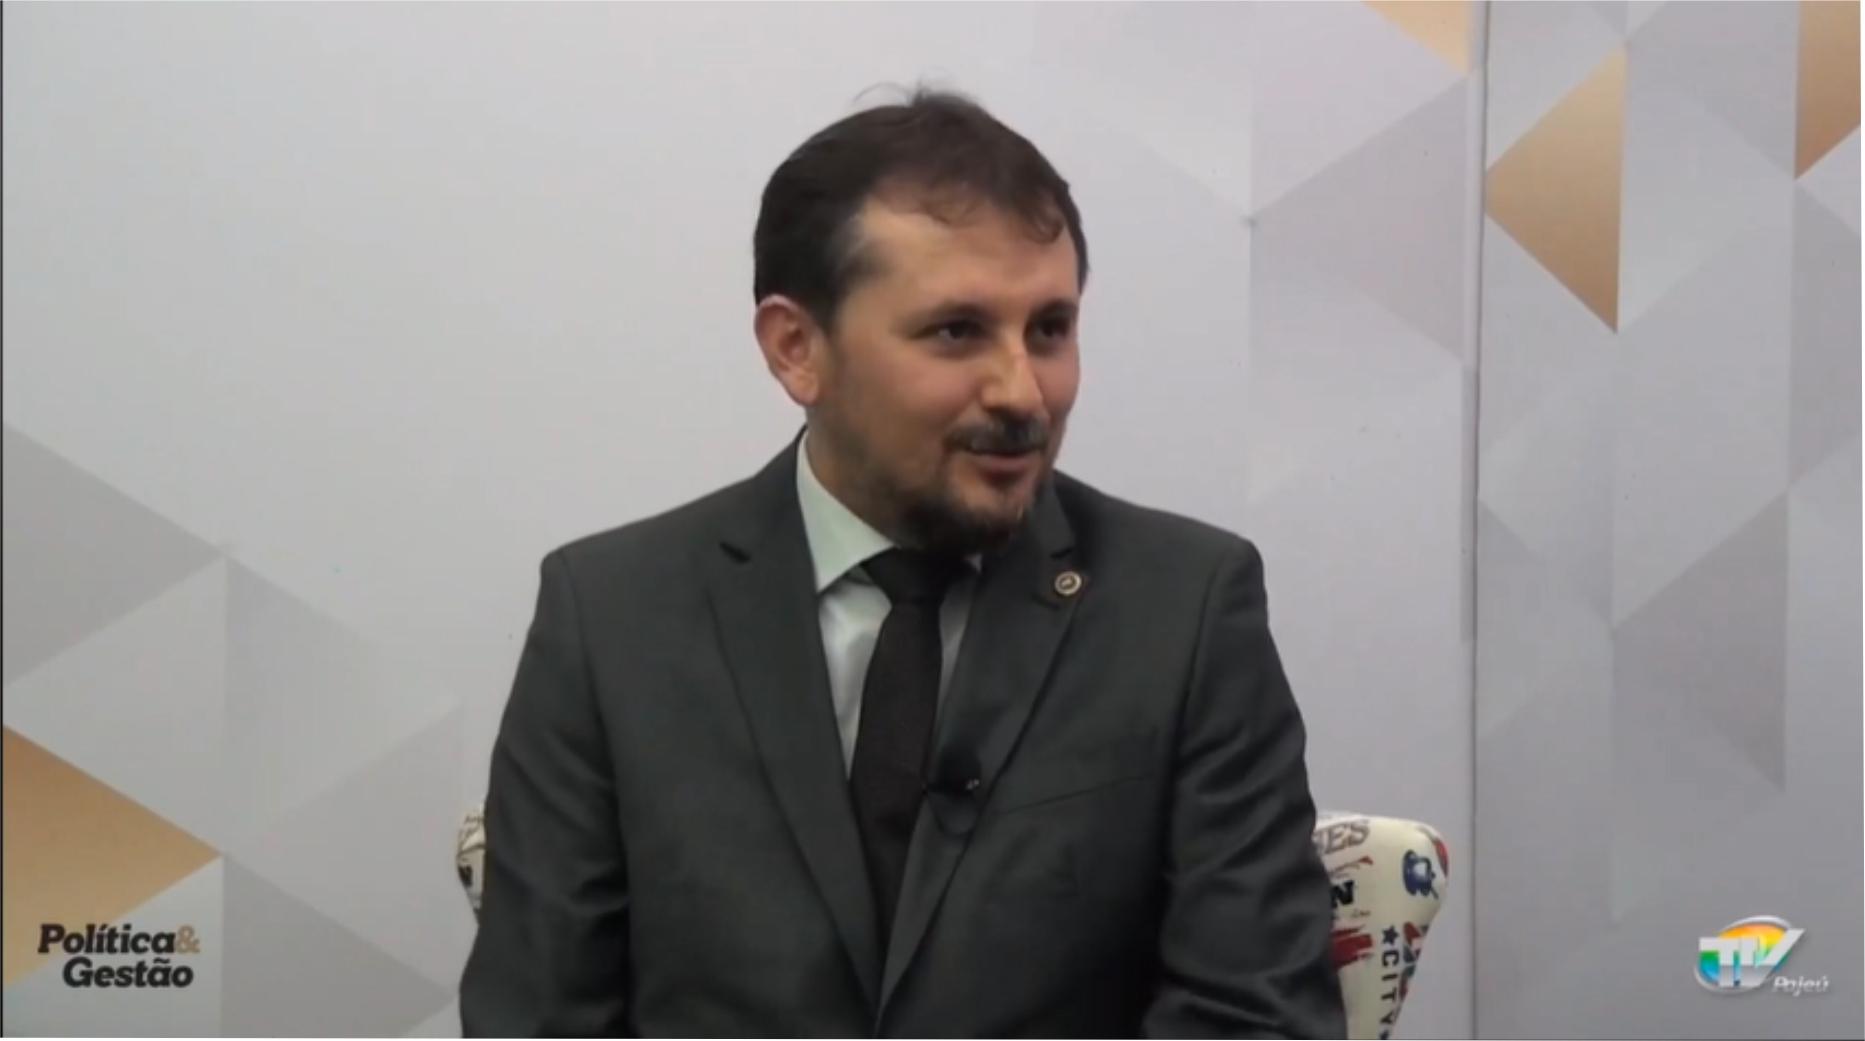 Promotor de justiça de SJE Aurinilton Leão diz que maior desafio das eleições será combate a fake news